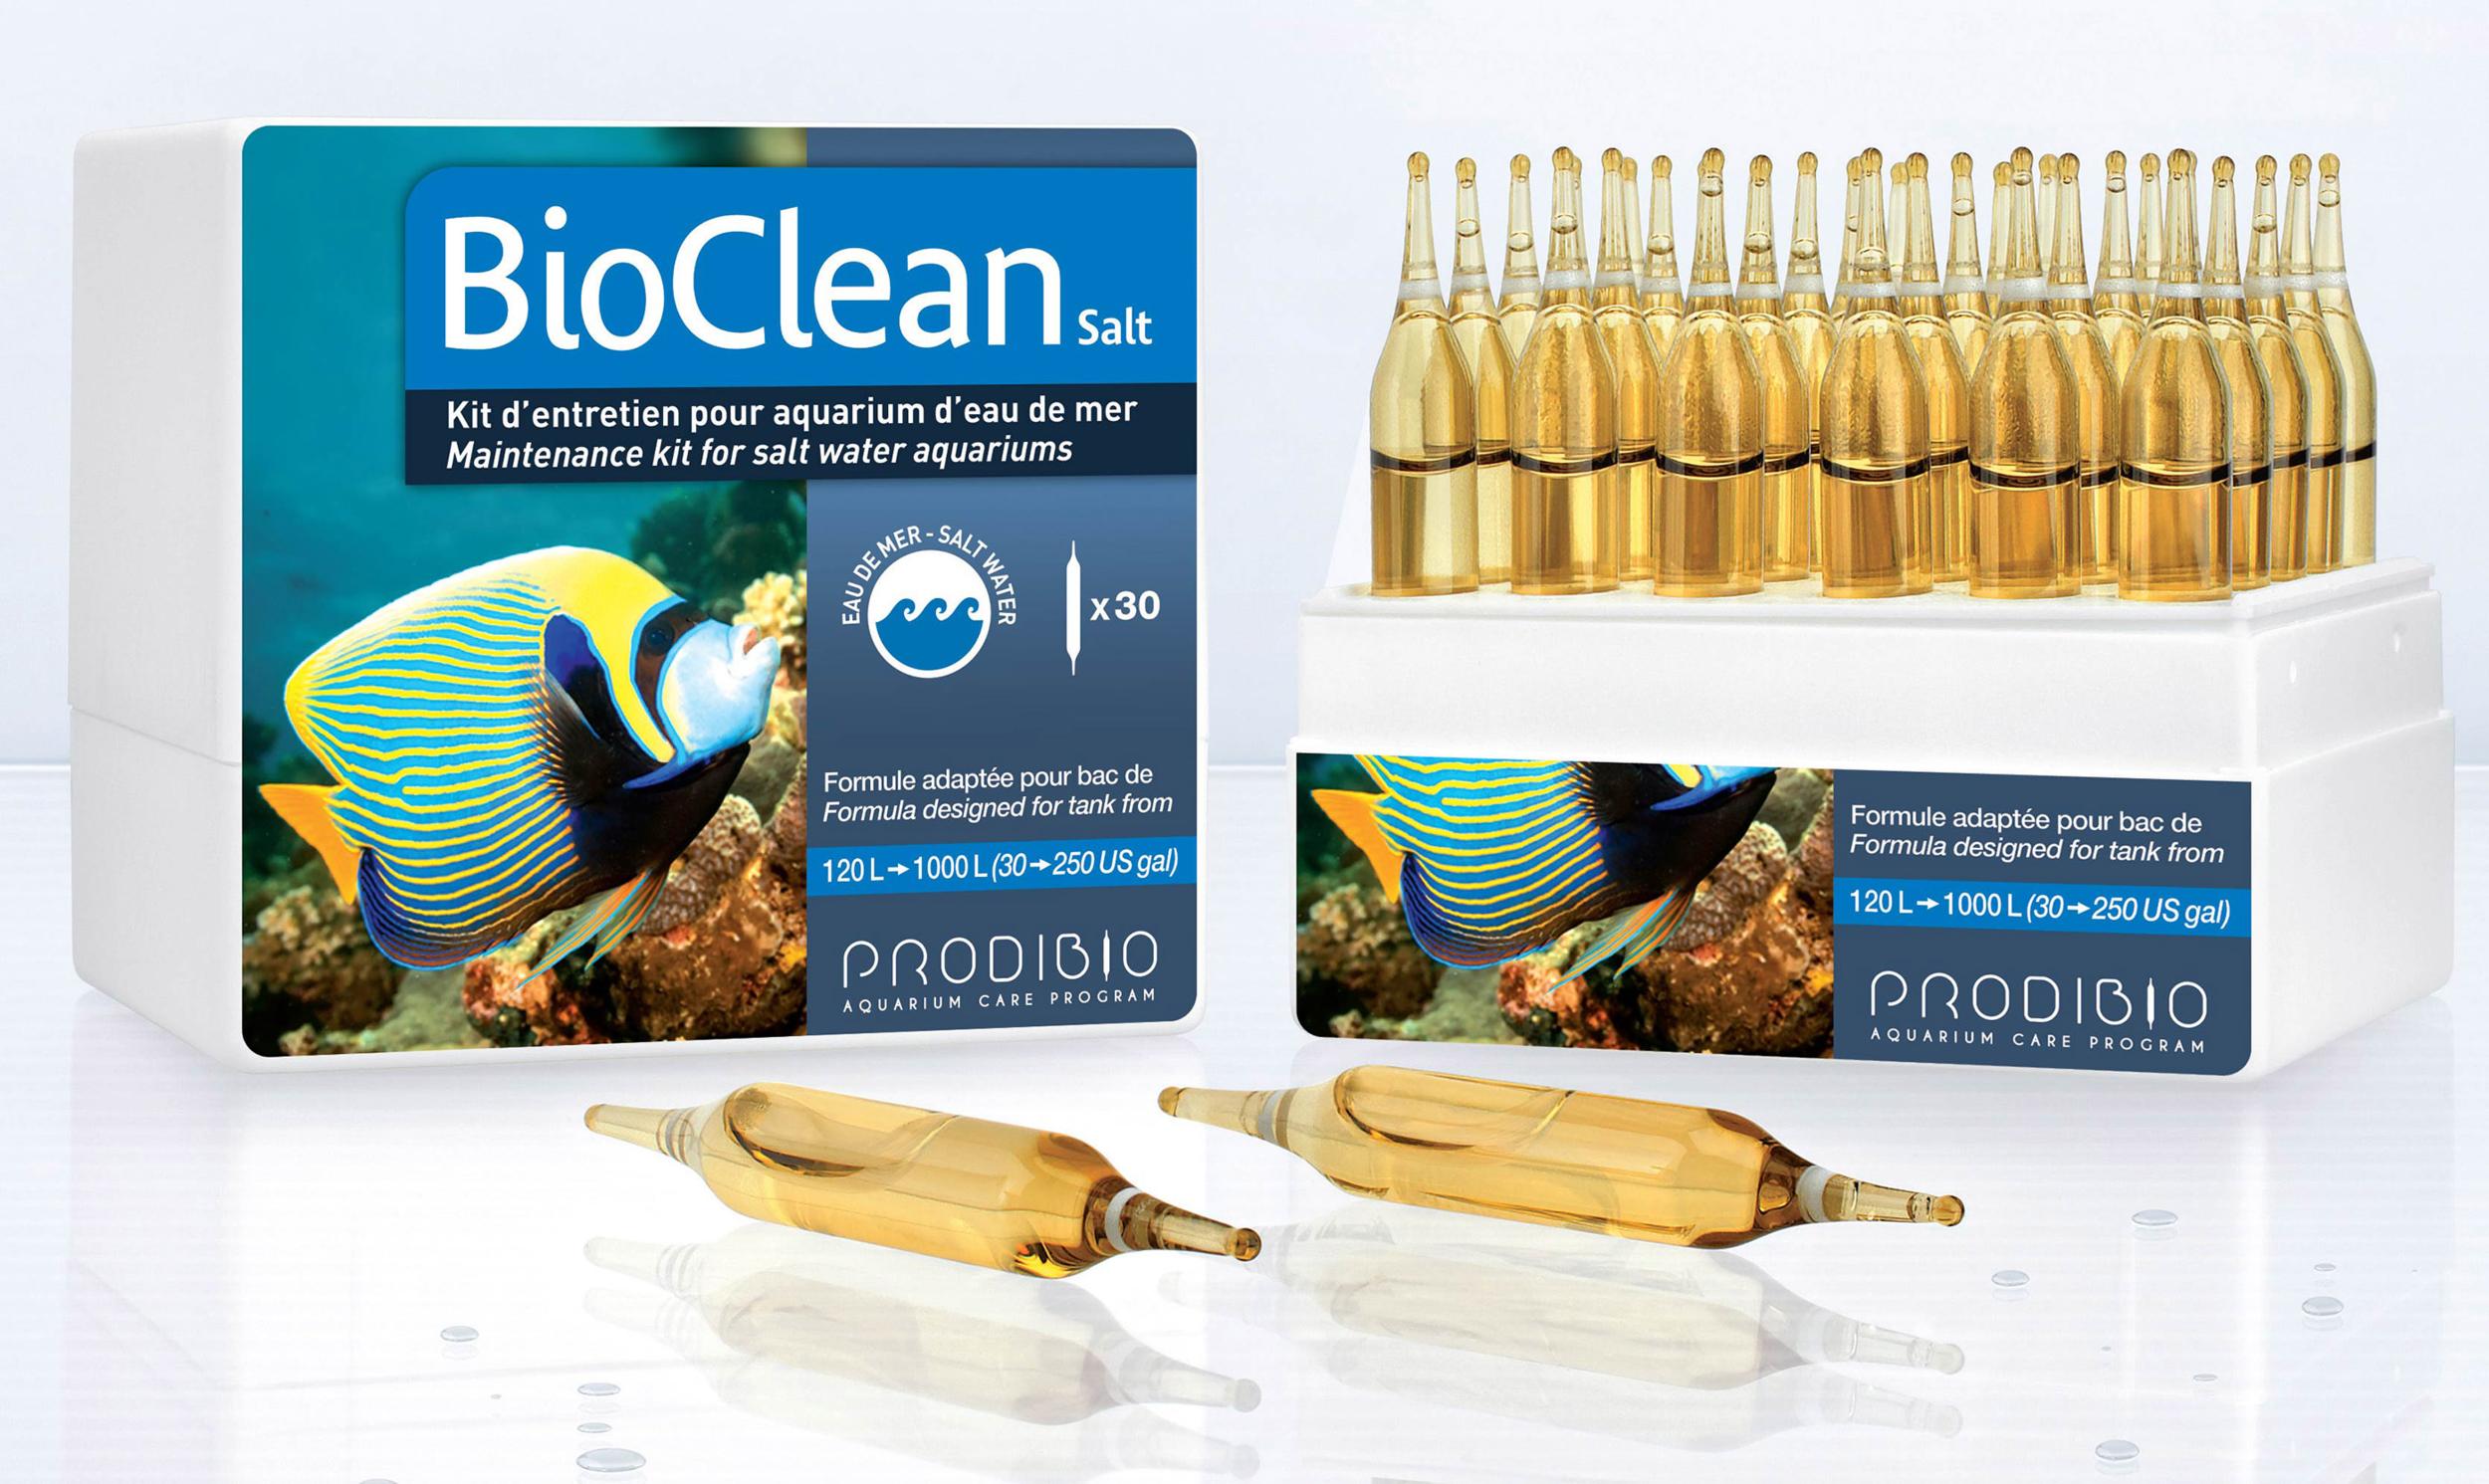 PRODIBIO BioClean Salt 30 ampoules nettoie l\'aquarium et élimine naturellement les algues en eau de mer. Traite jusqu\'à 6000 L